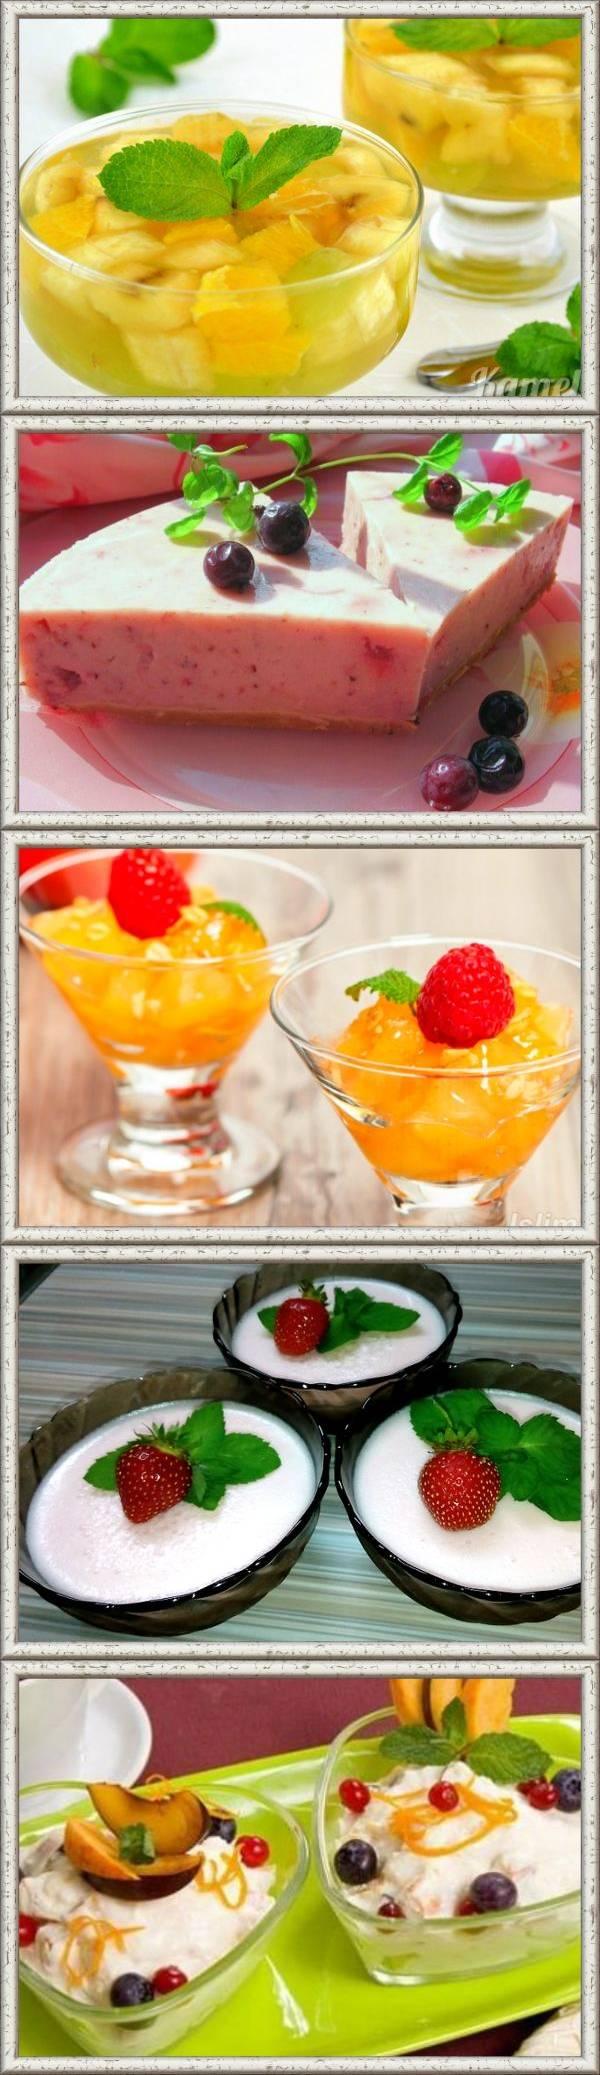 Десерты с желатином и фруктами